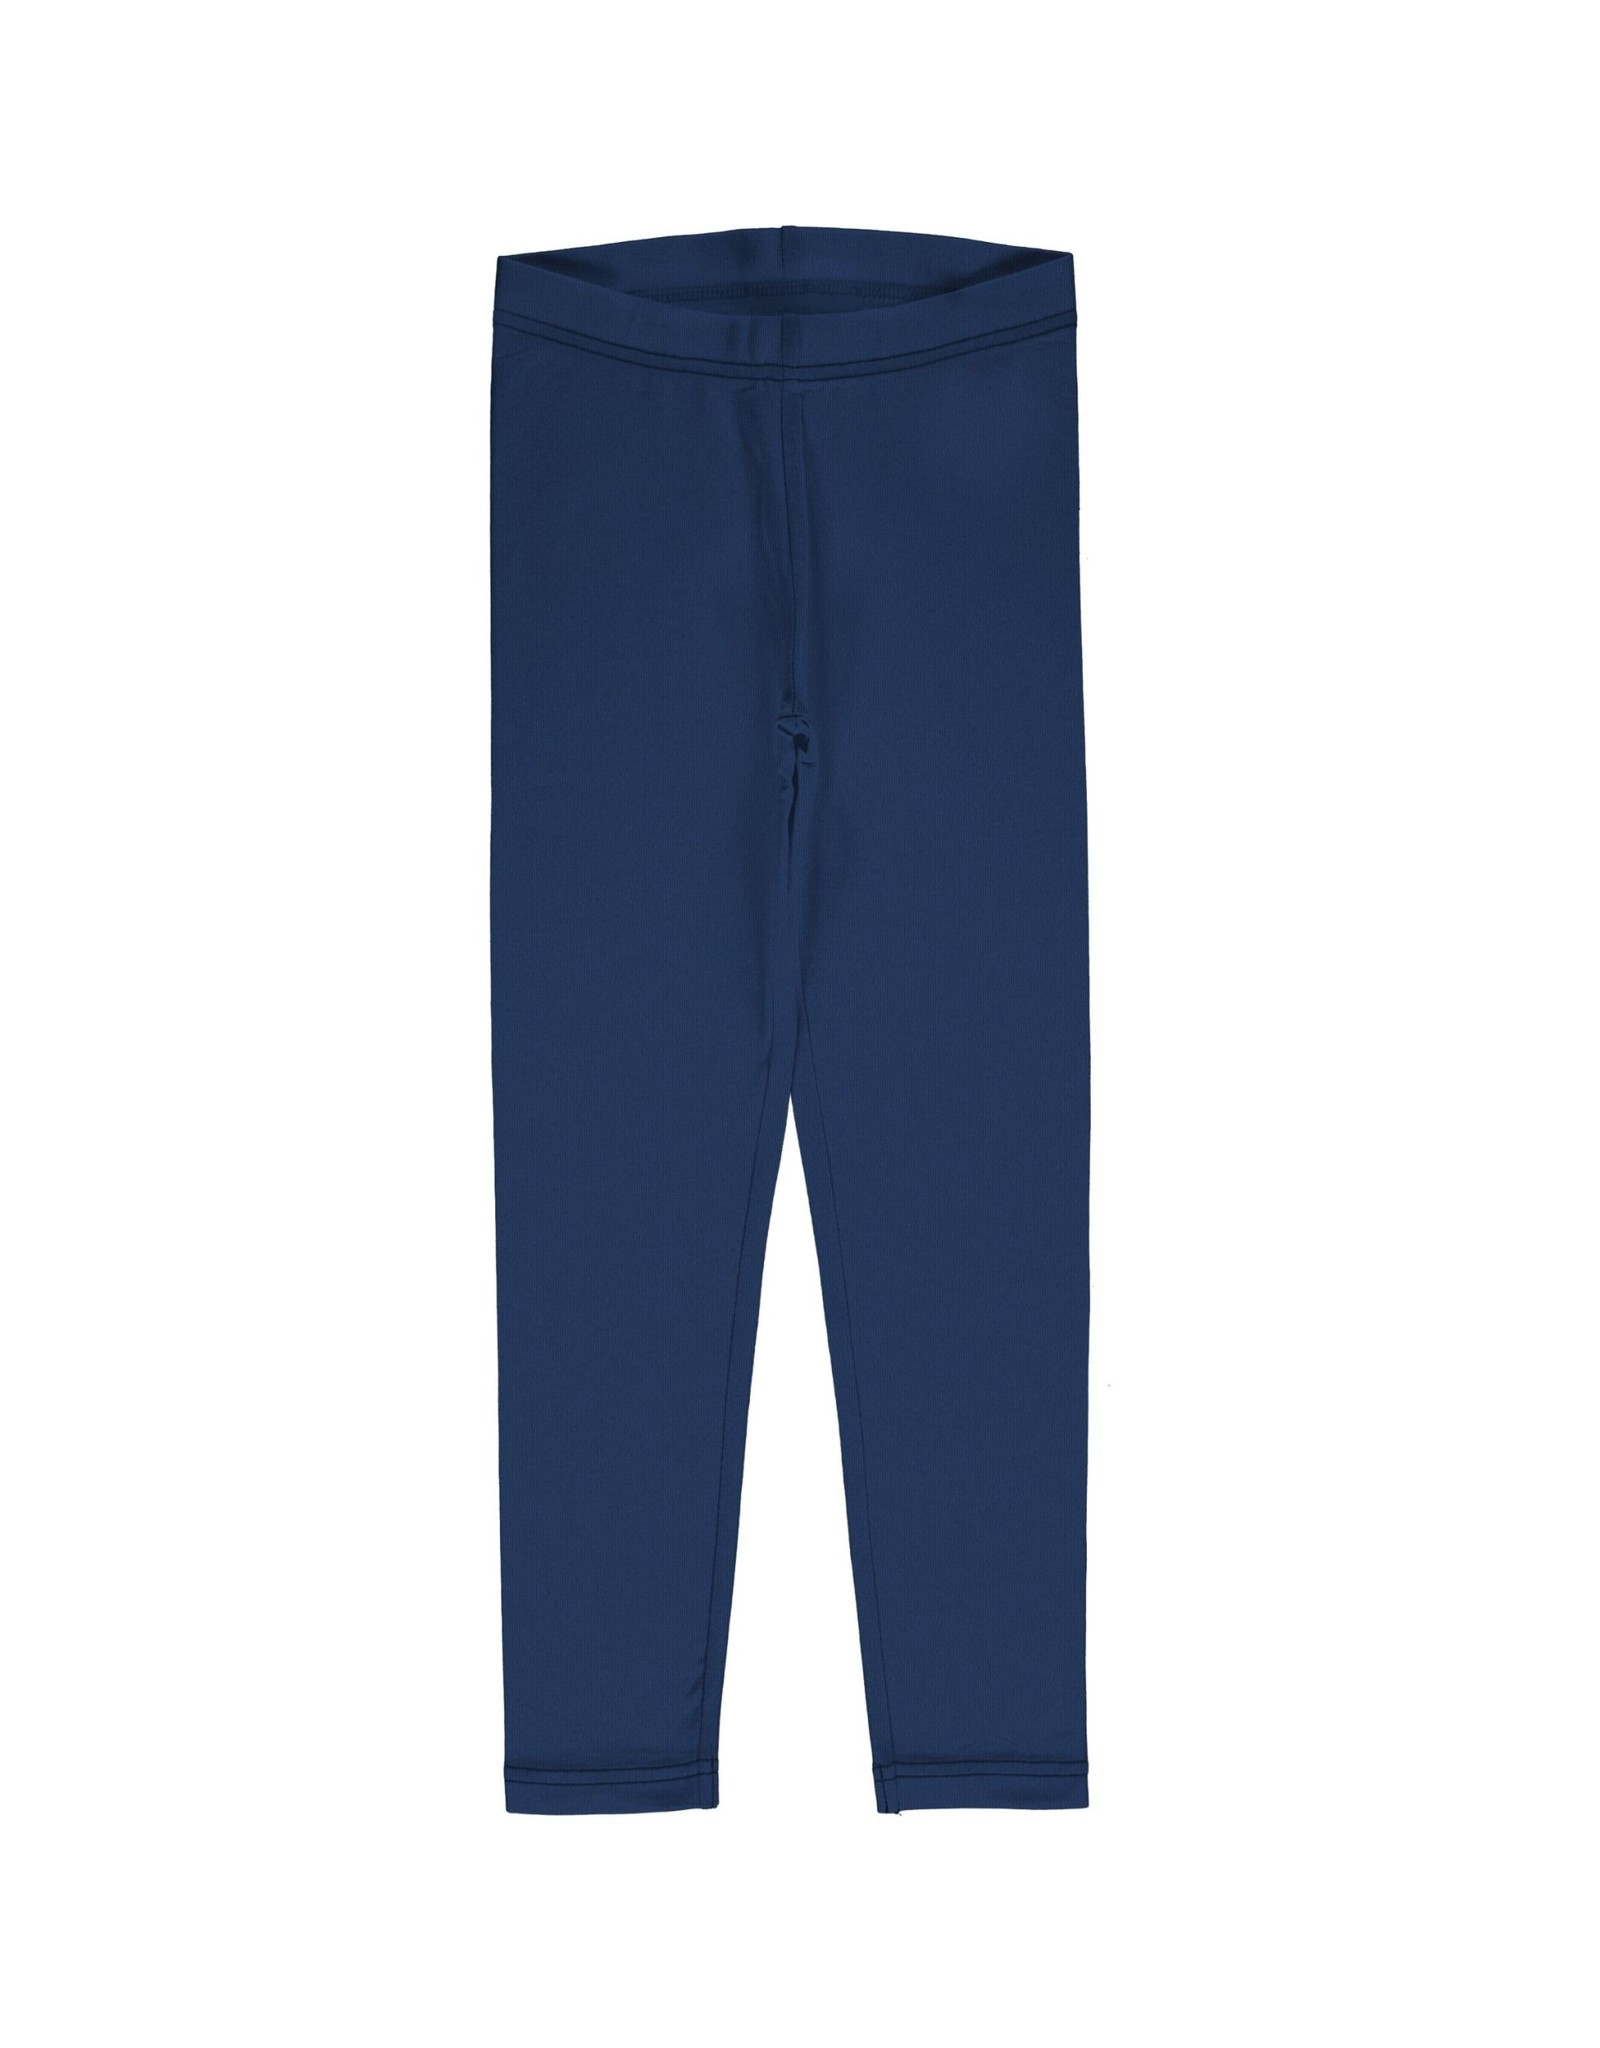 Maxomorra Leggings effen blauw